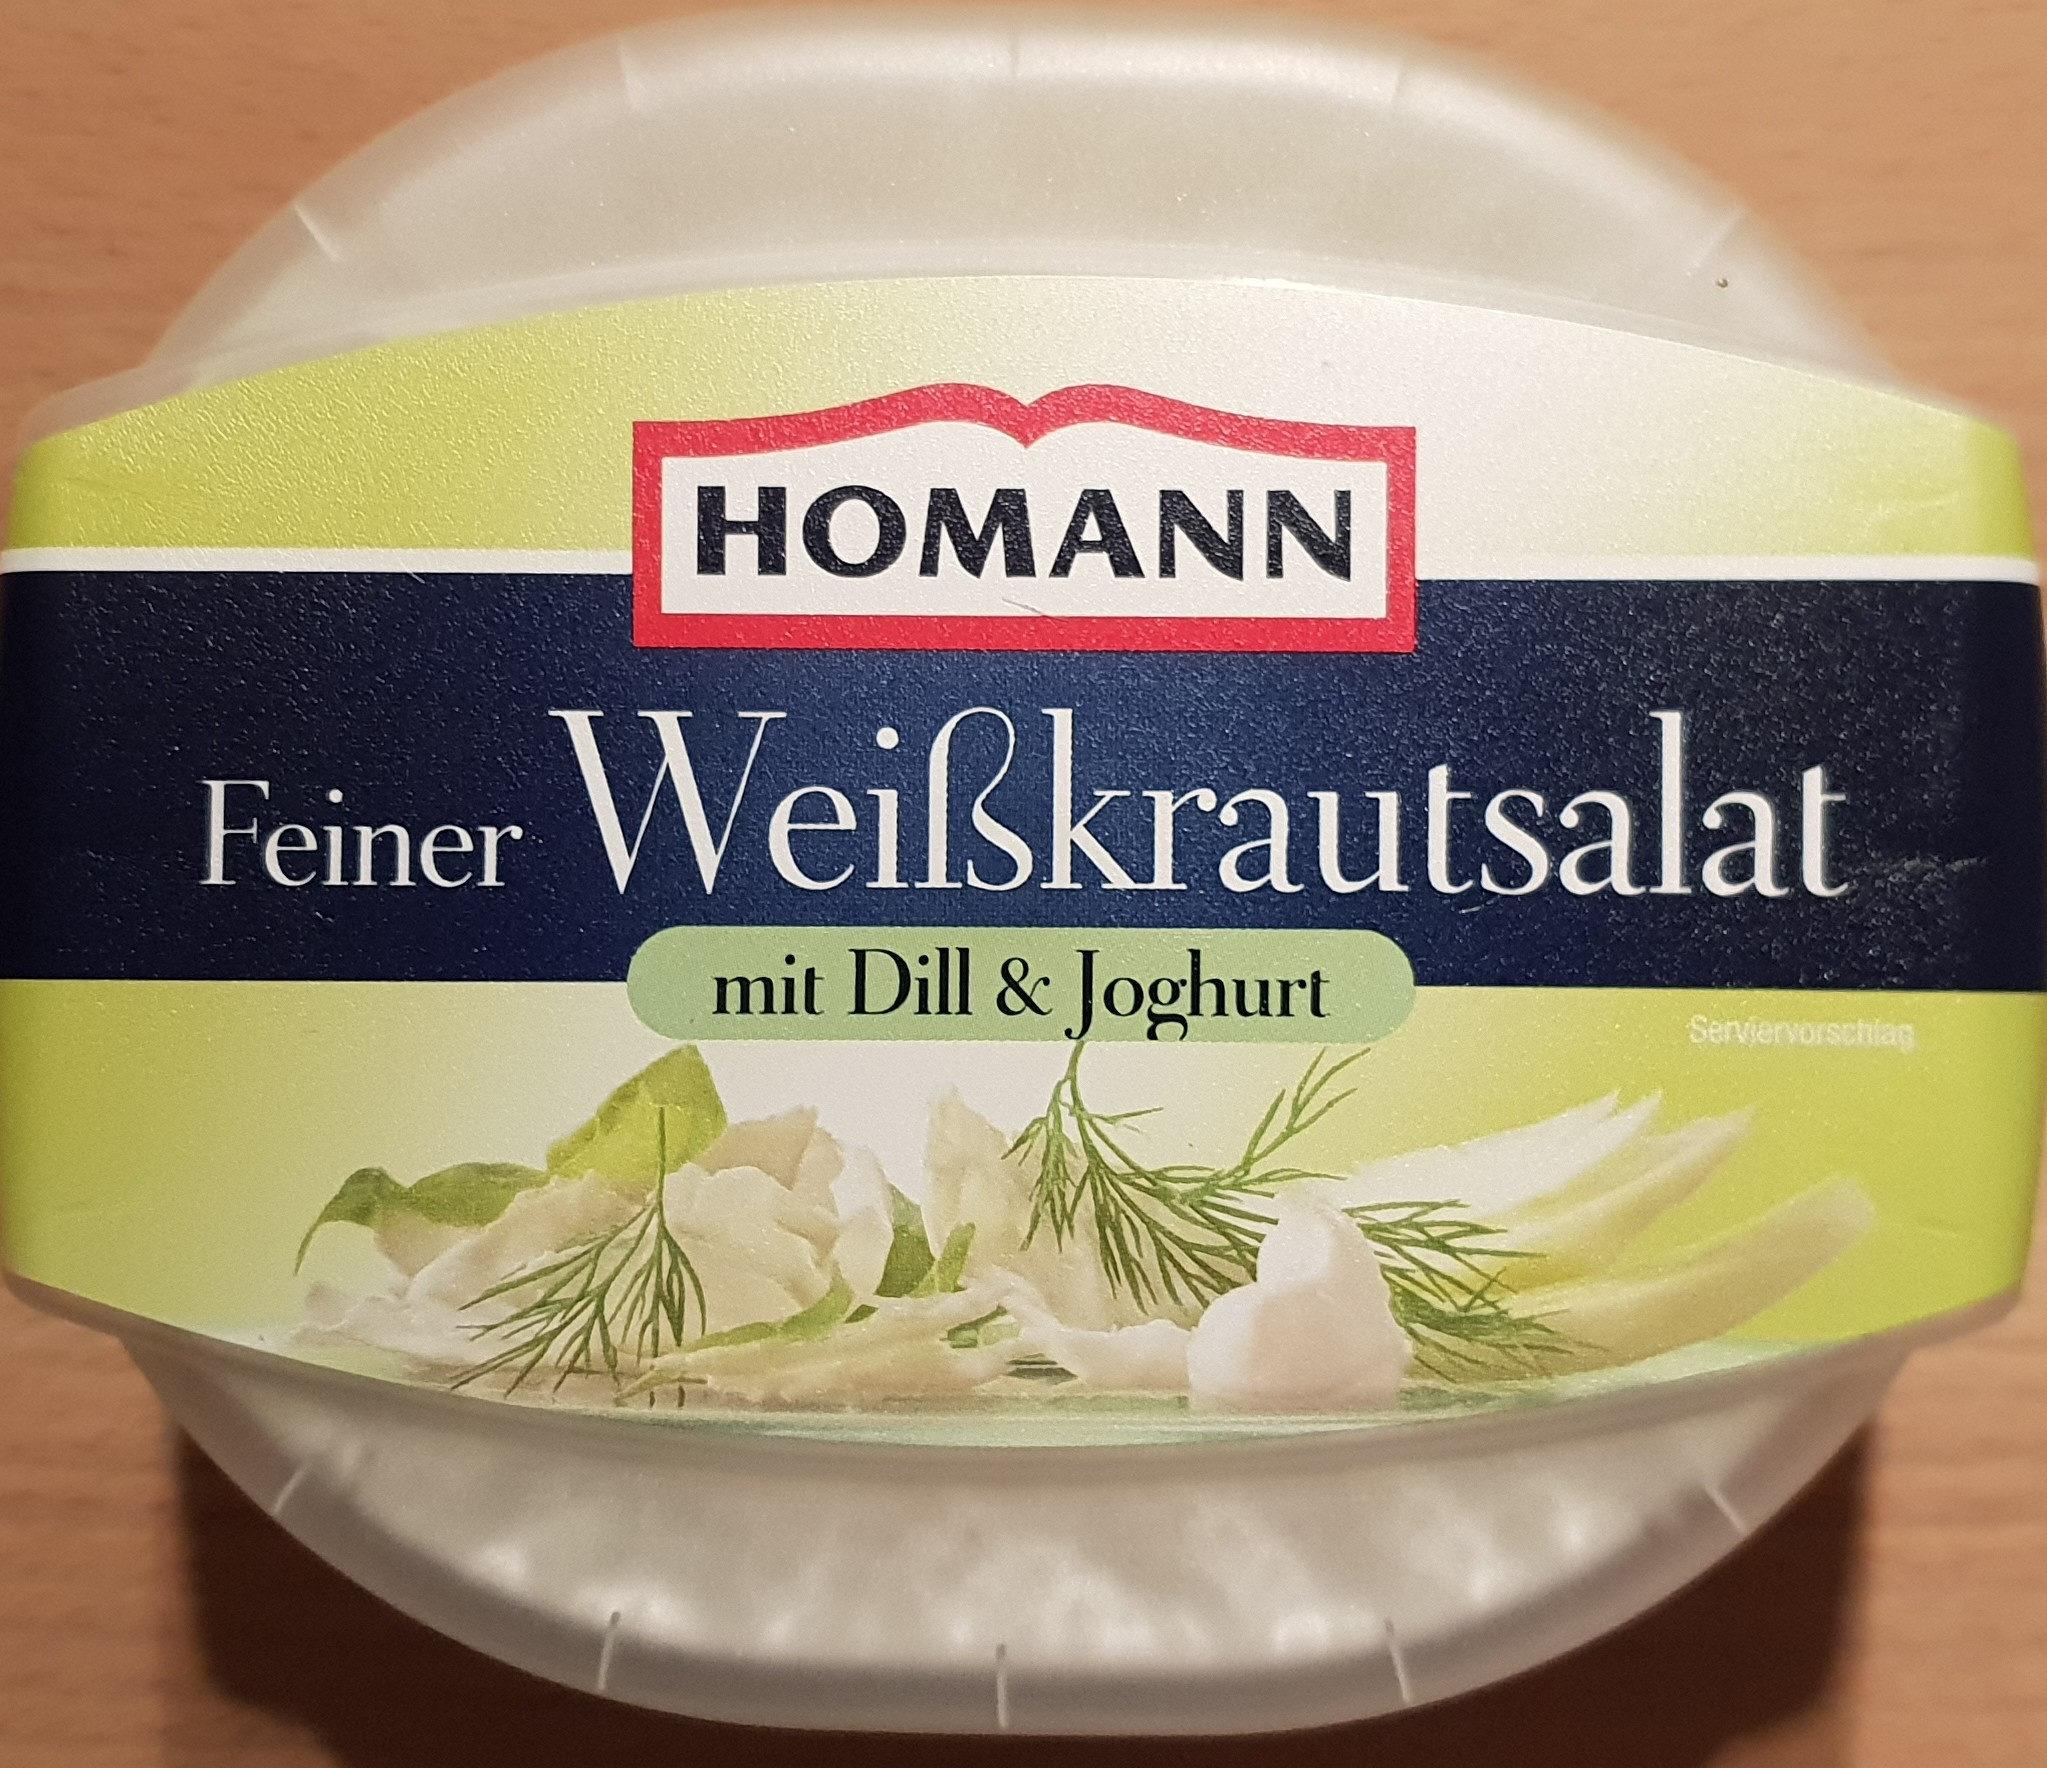 Feiner Weißkrautsalat mit Dill & Joghurt - Product - de